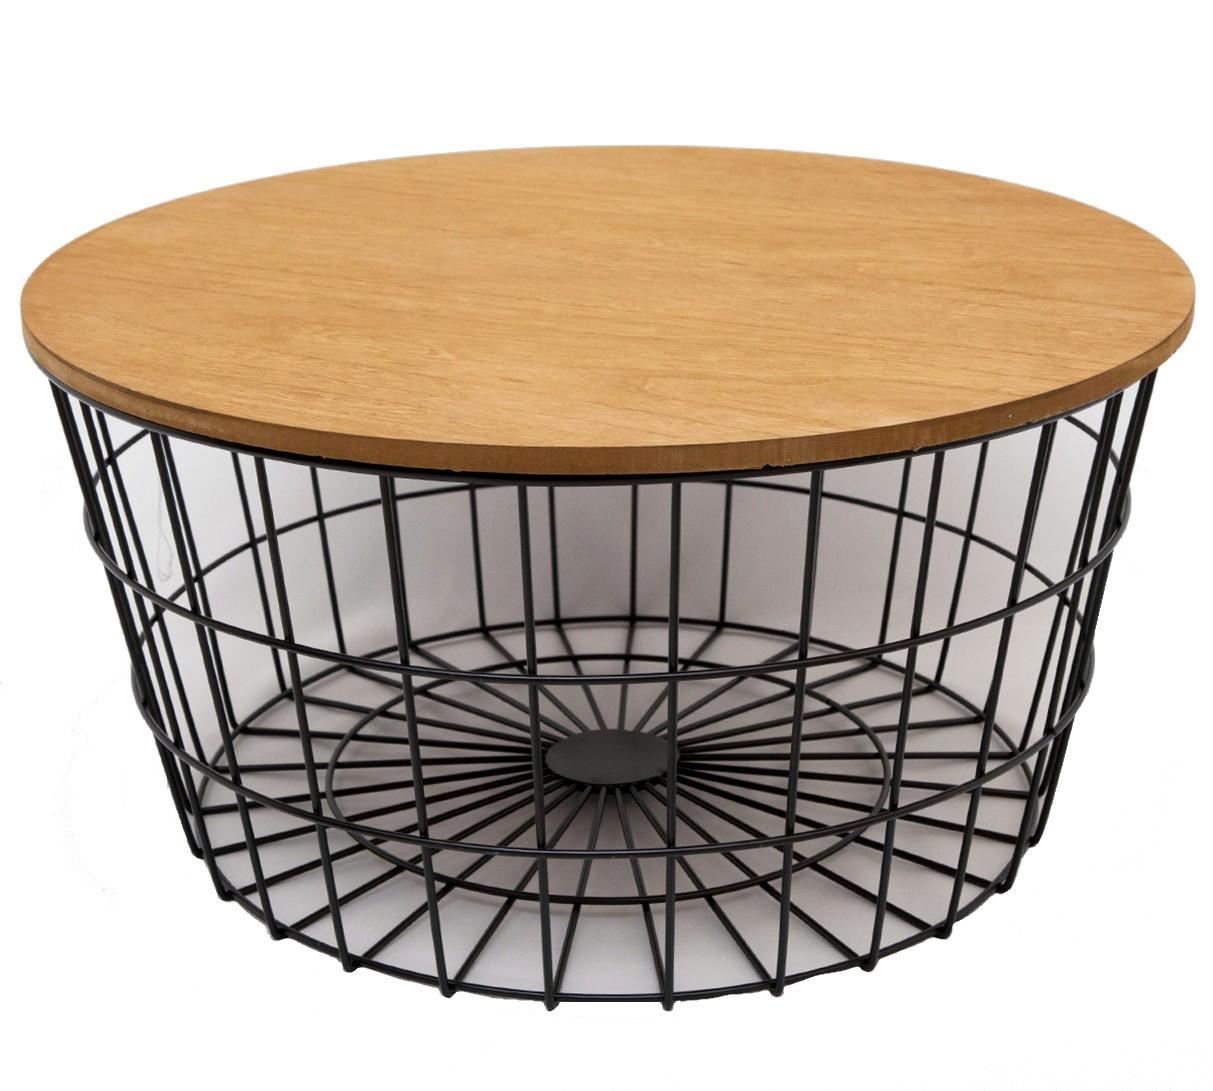 Table basse en fer forg et bois - Bout de canape bois et fer forge ...